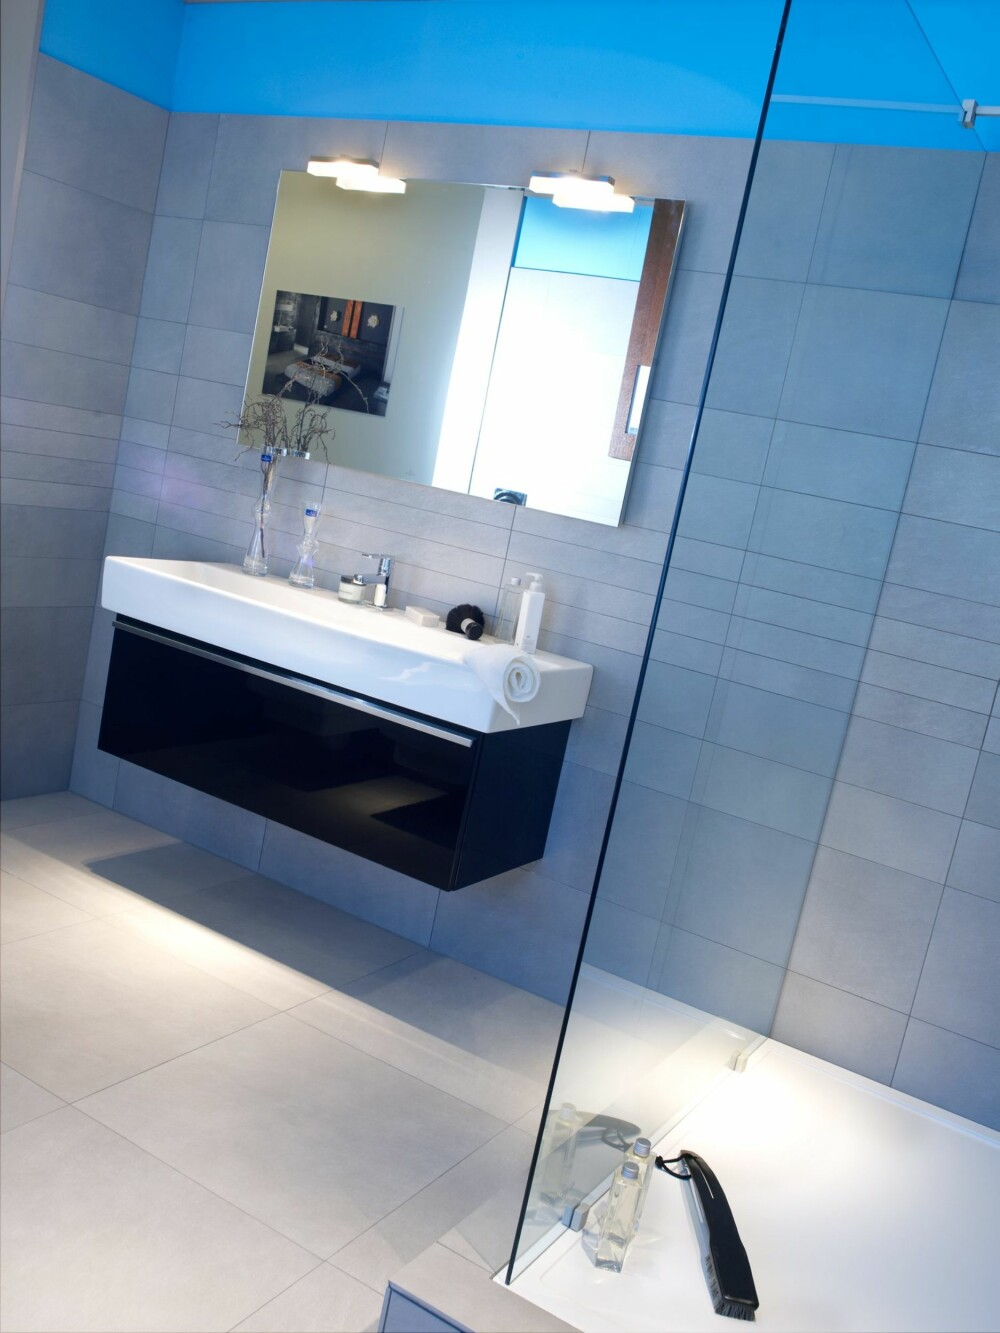 BYGGET OPP: På dette badet er dusjen bygget opp med en kant rundt dusjsonen.